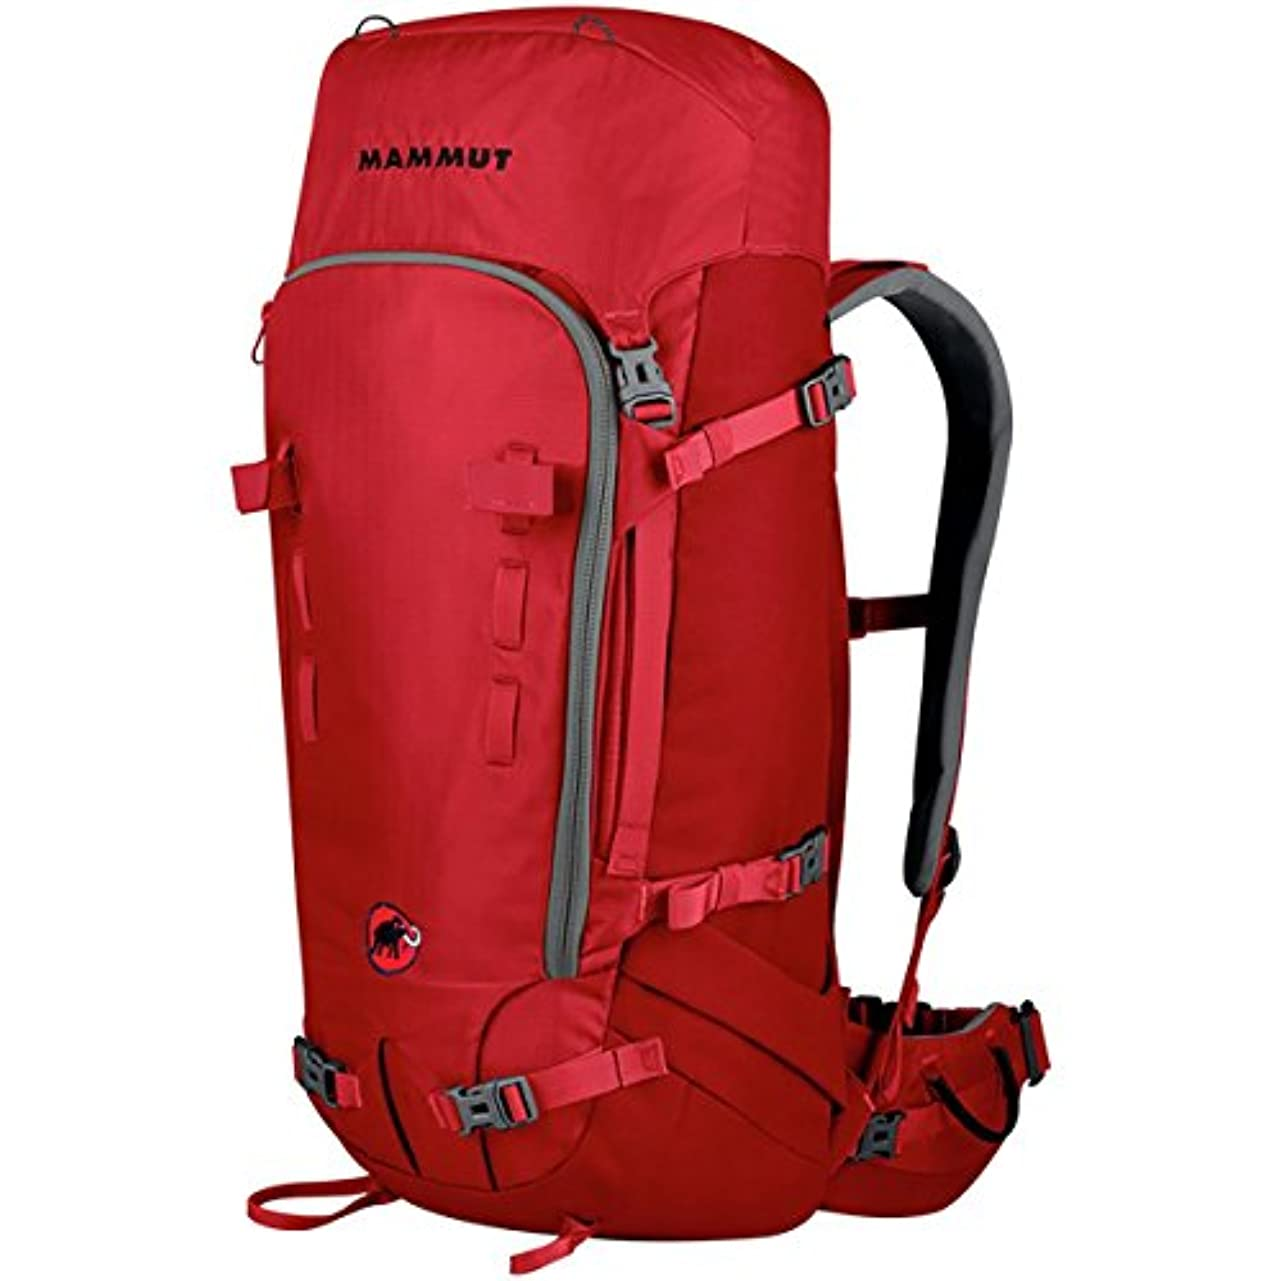 ナンセンス音声観光に行く(マムート) Mammut Trion Pro 50+7L Backpackメンズ バックパック リュック Lava/Dark Lava [並行輸入品]